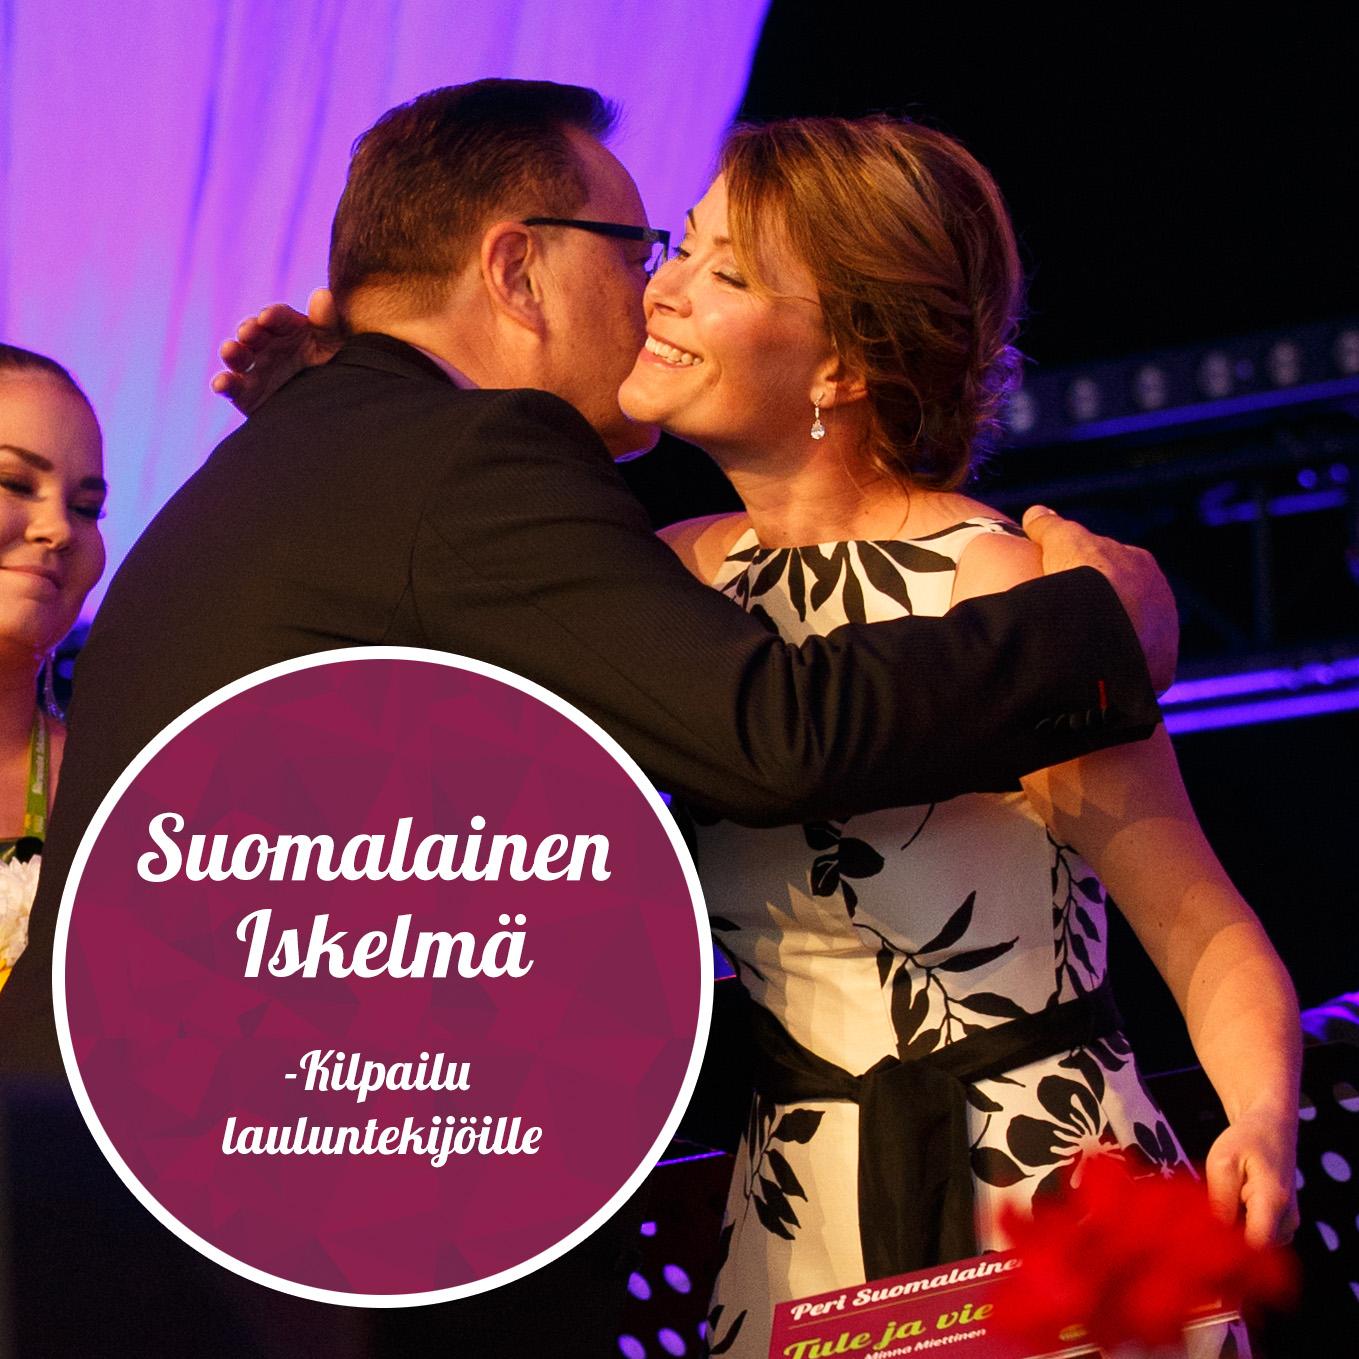 suomalainen-iskelma-kilpailu